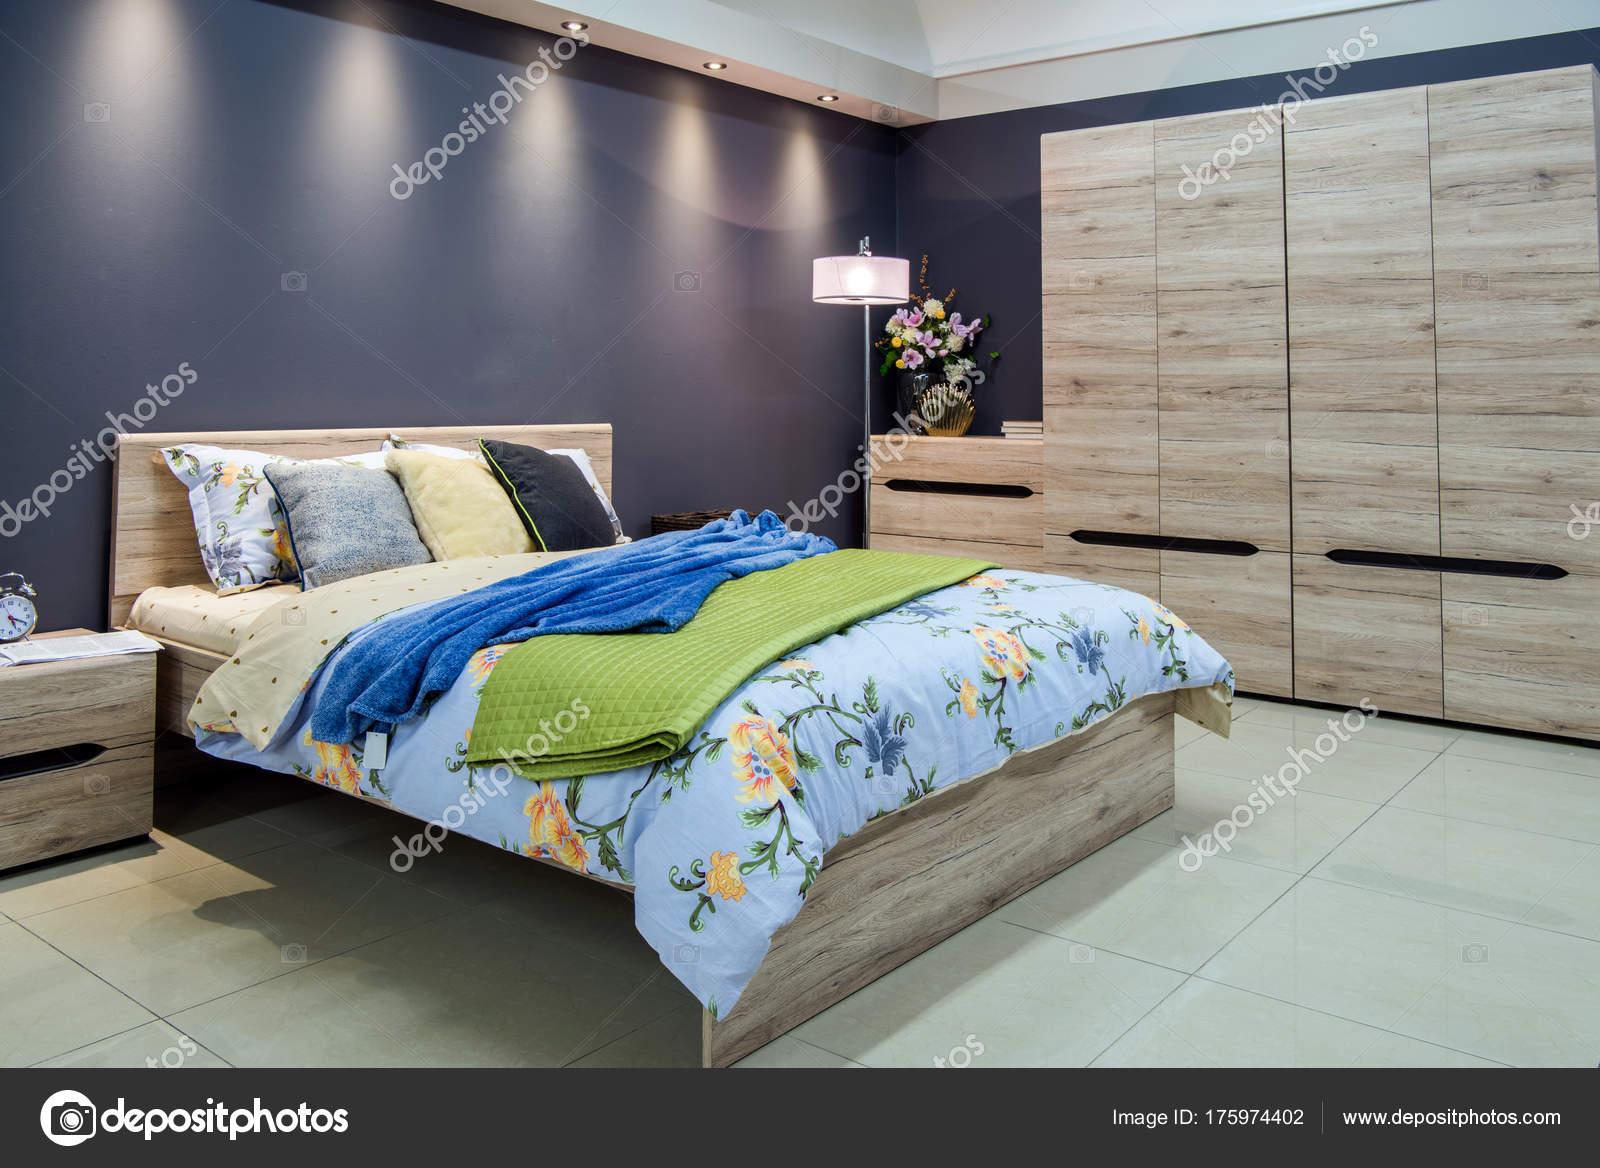 Gemütliche Moderne Schlafzimmer Innenraum Mit Bett — Stockfoto ...